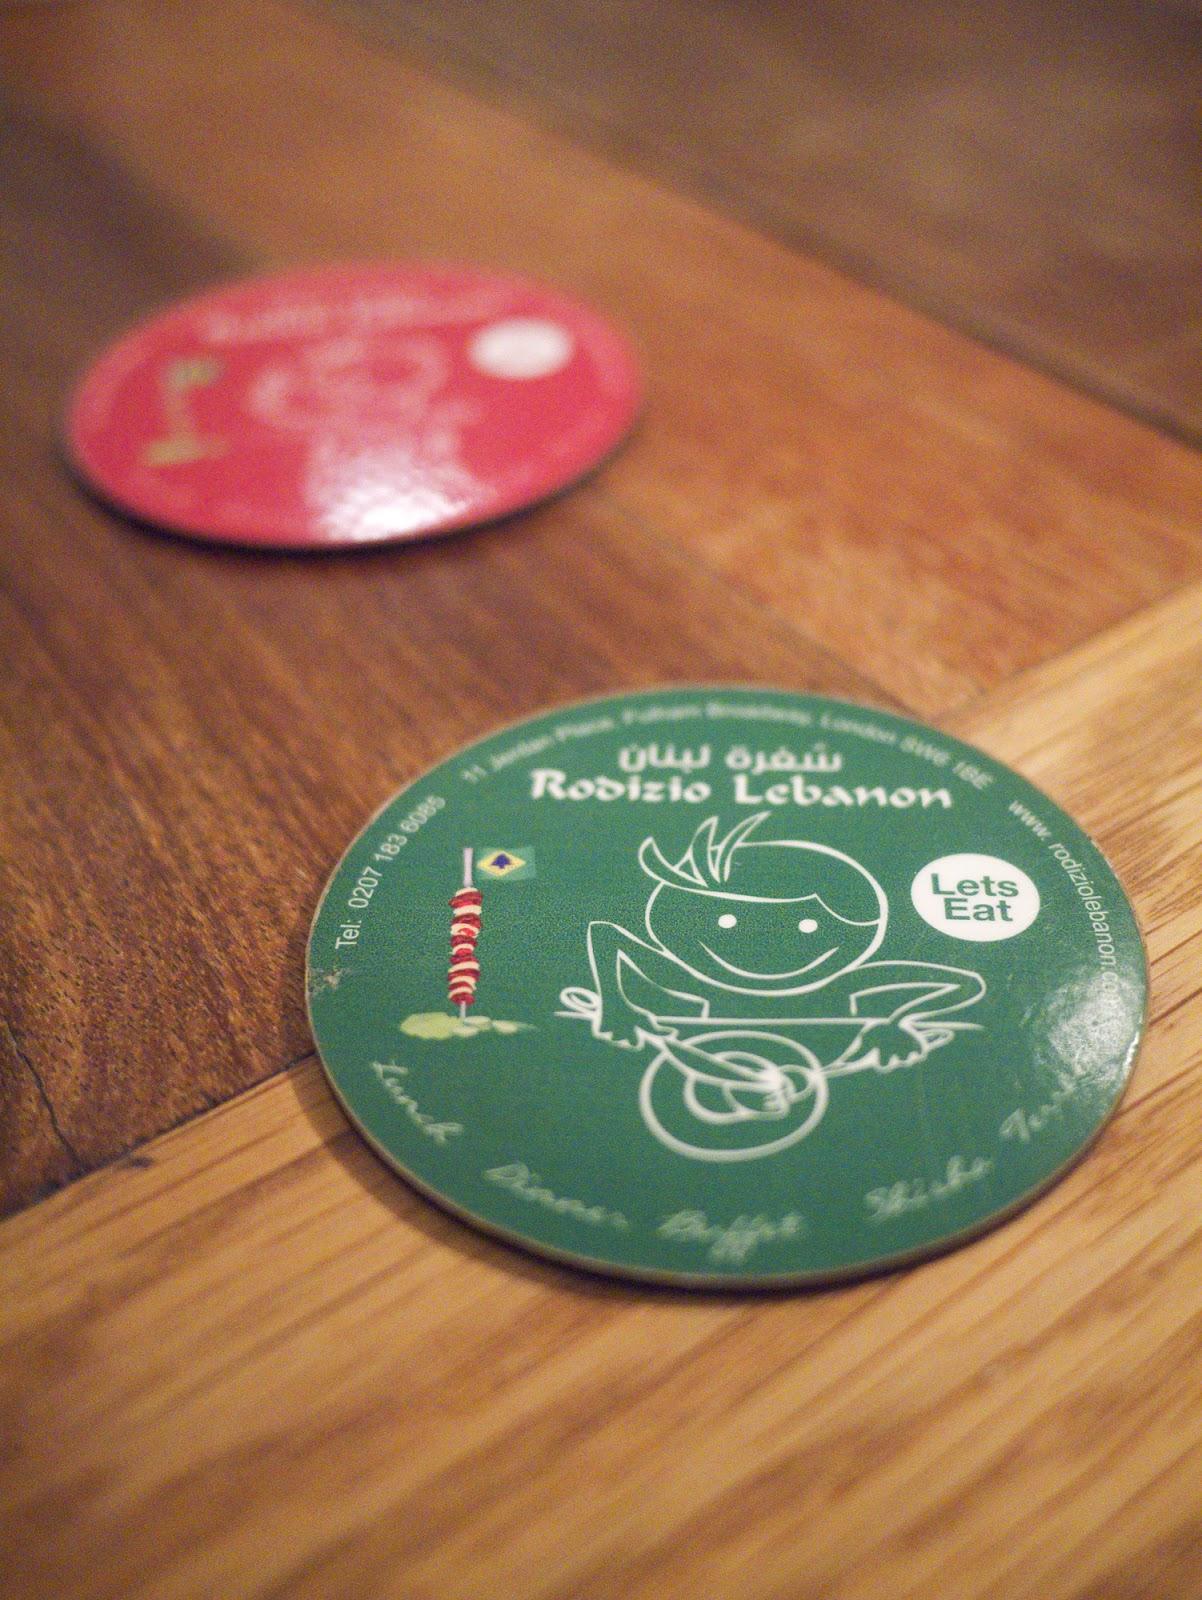 Rodizio Lebanon restaurant Fulham